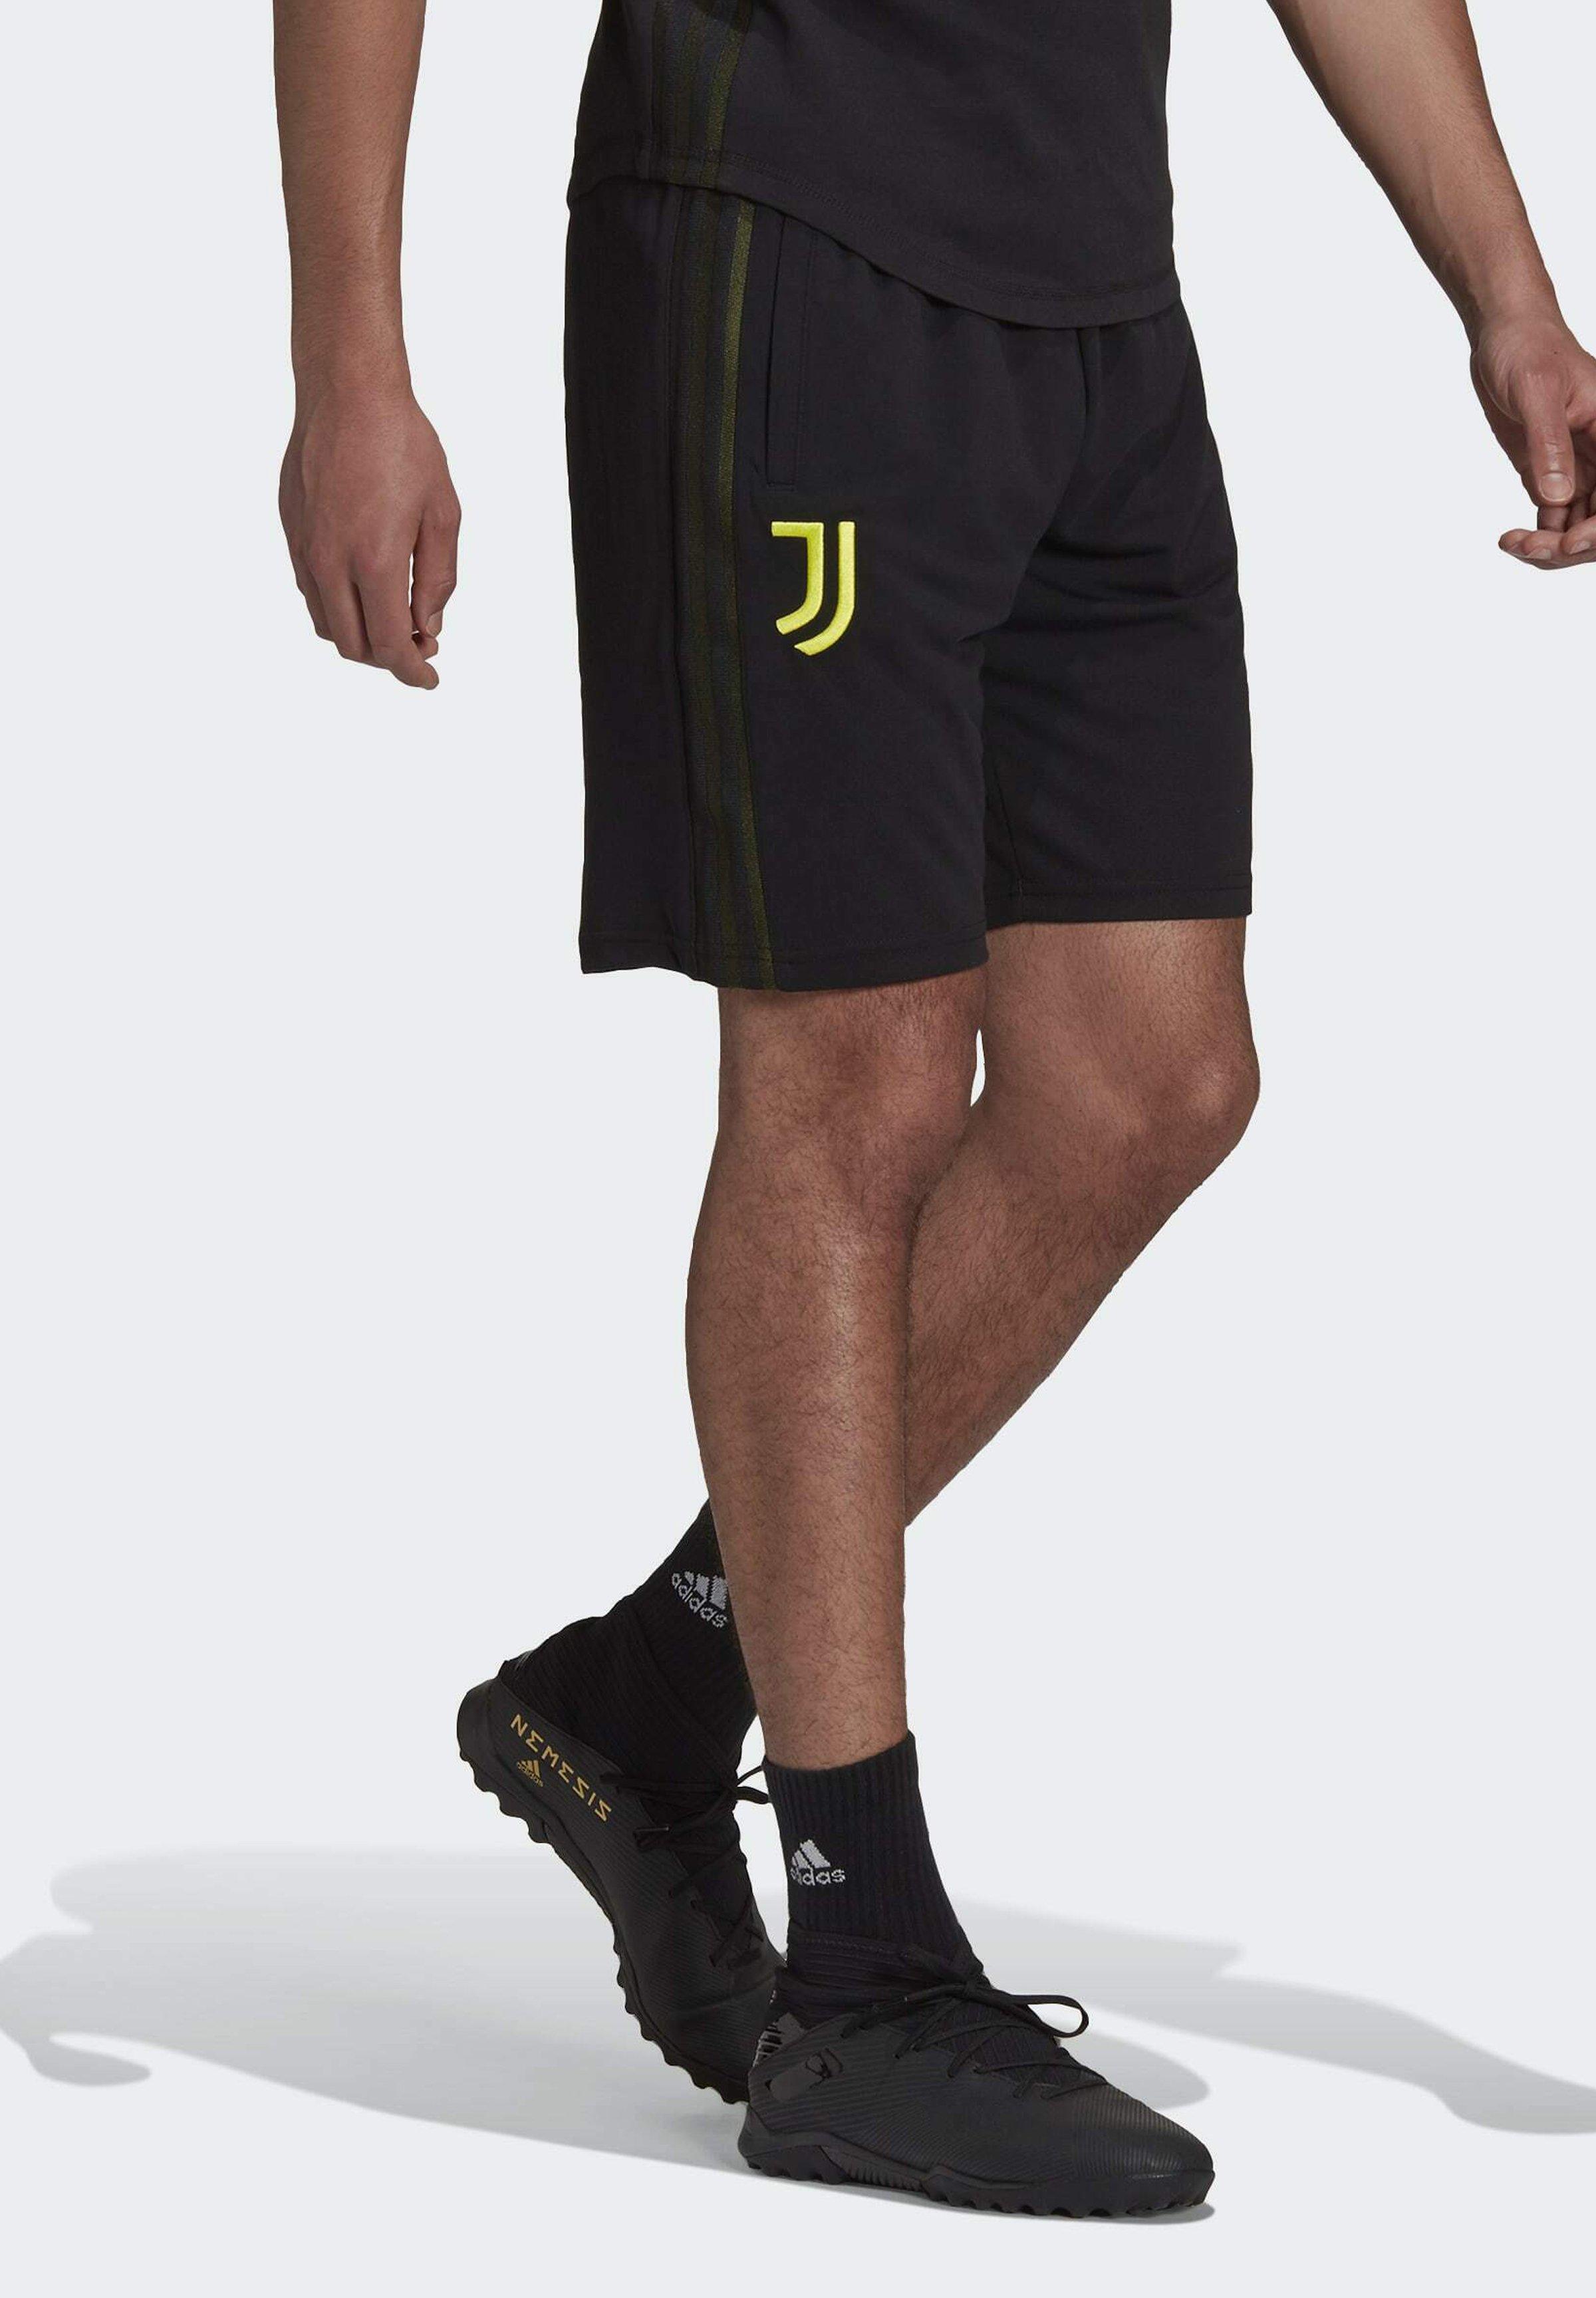 Herren TRV SHO - kurze Sporthose